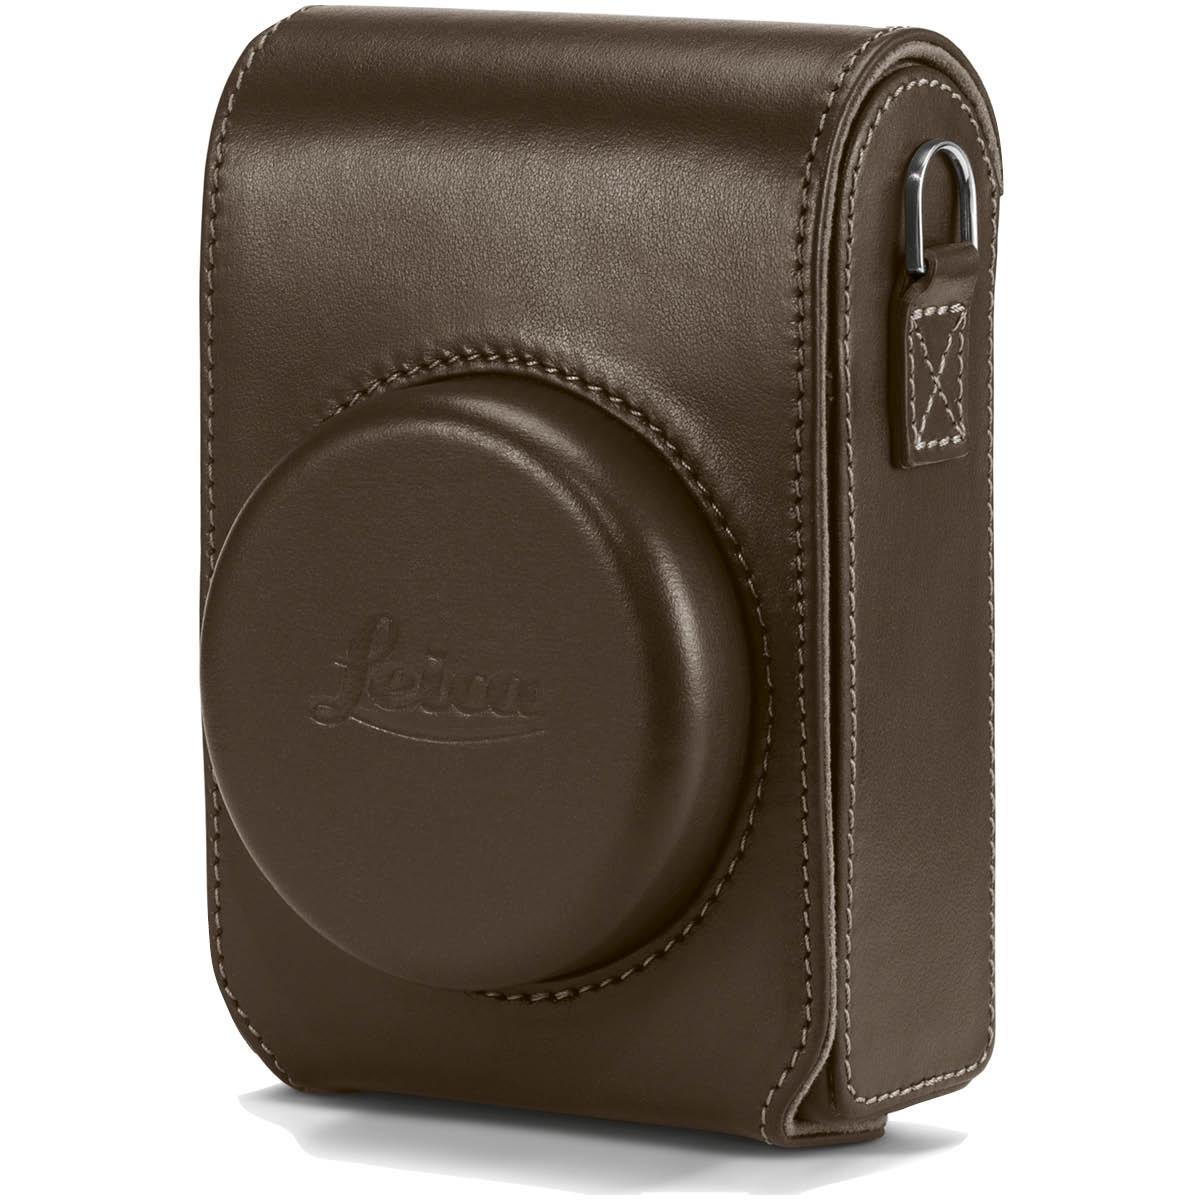 Leica Tasche C-LUX Braun